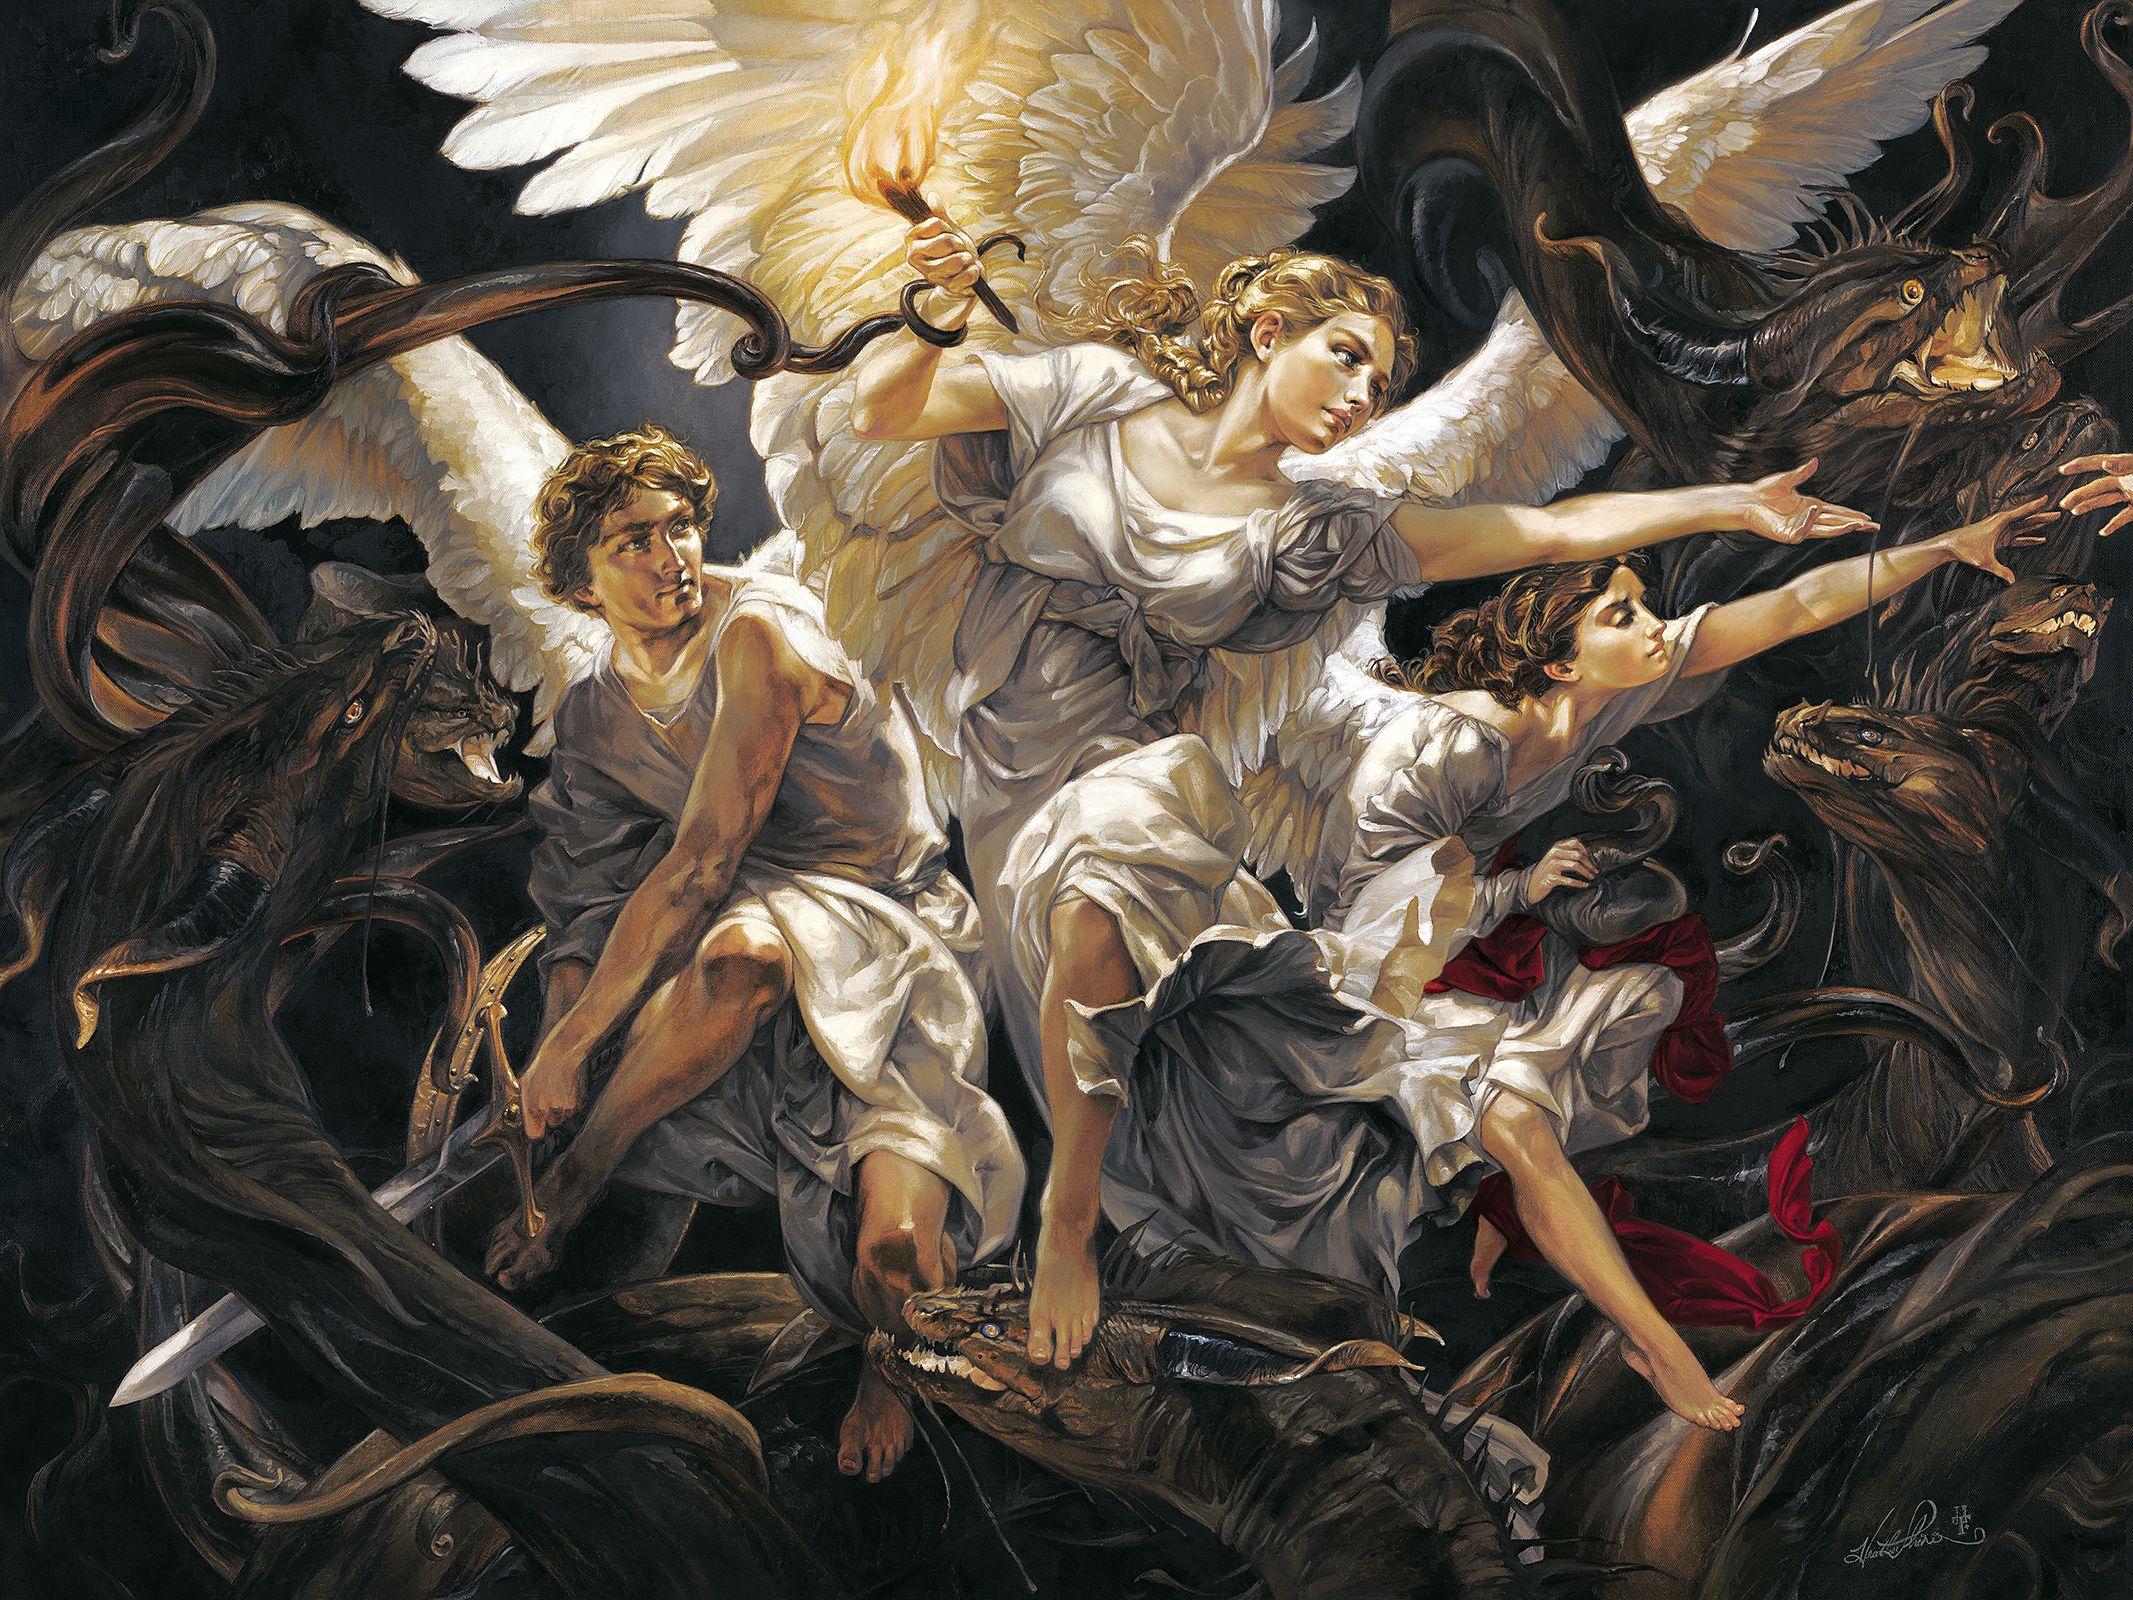 картинки битв ангелов воскресенье стартовал блиц-турнир